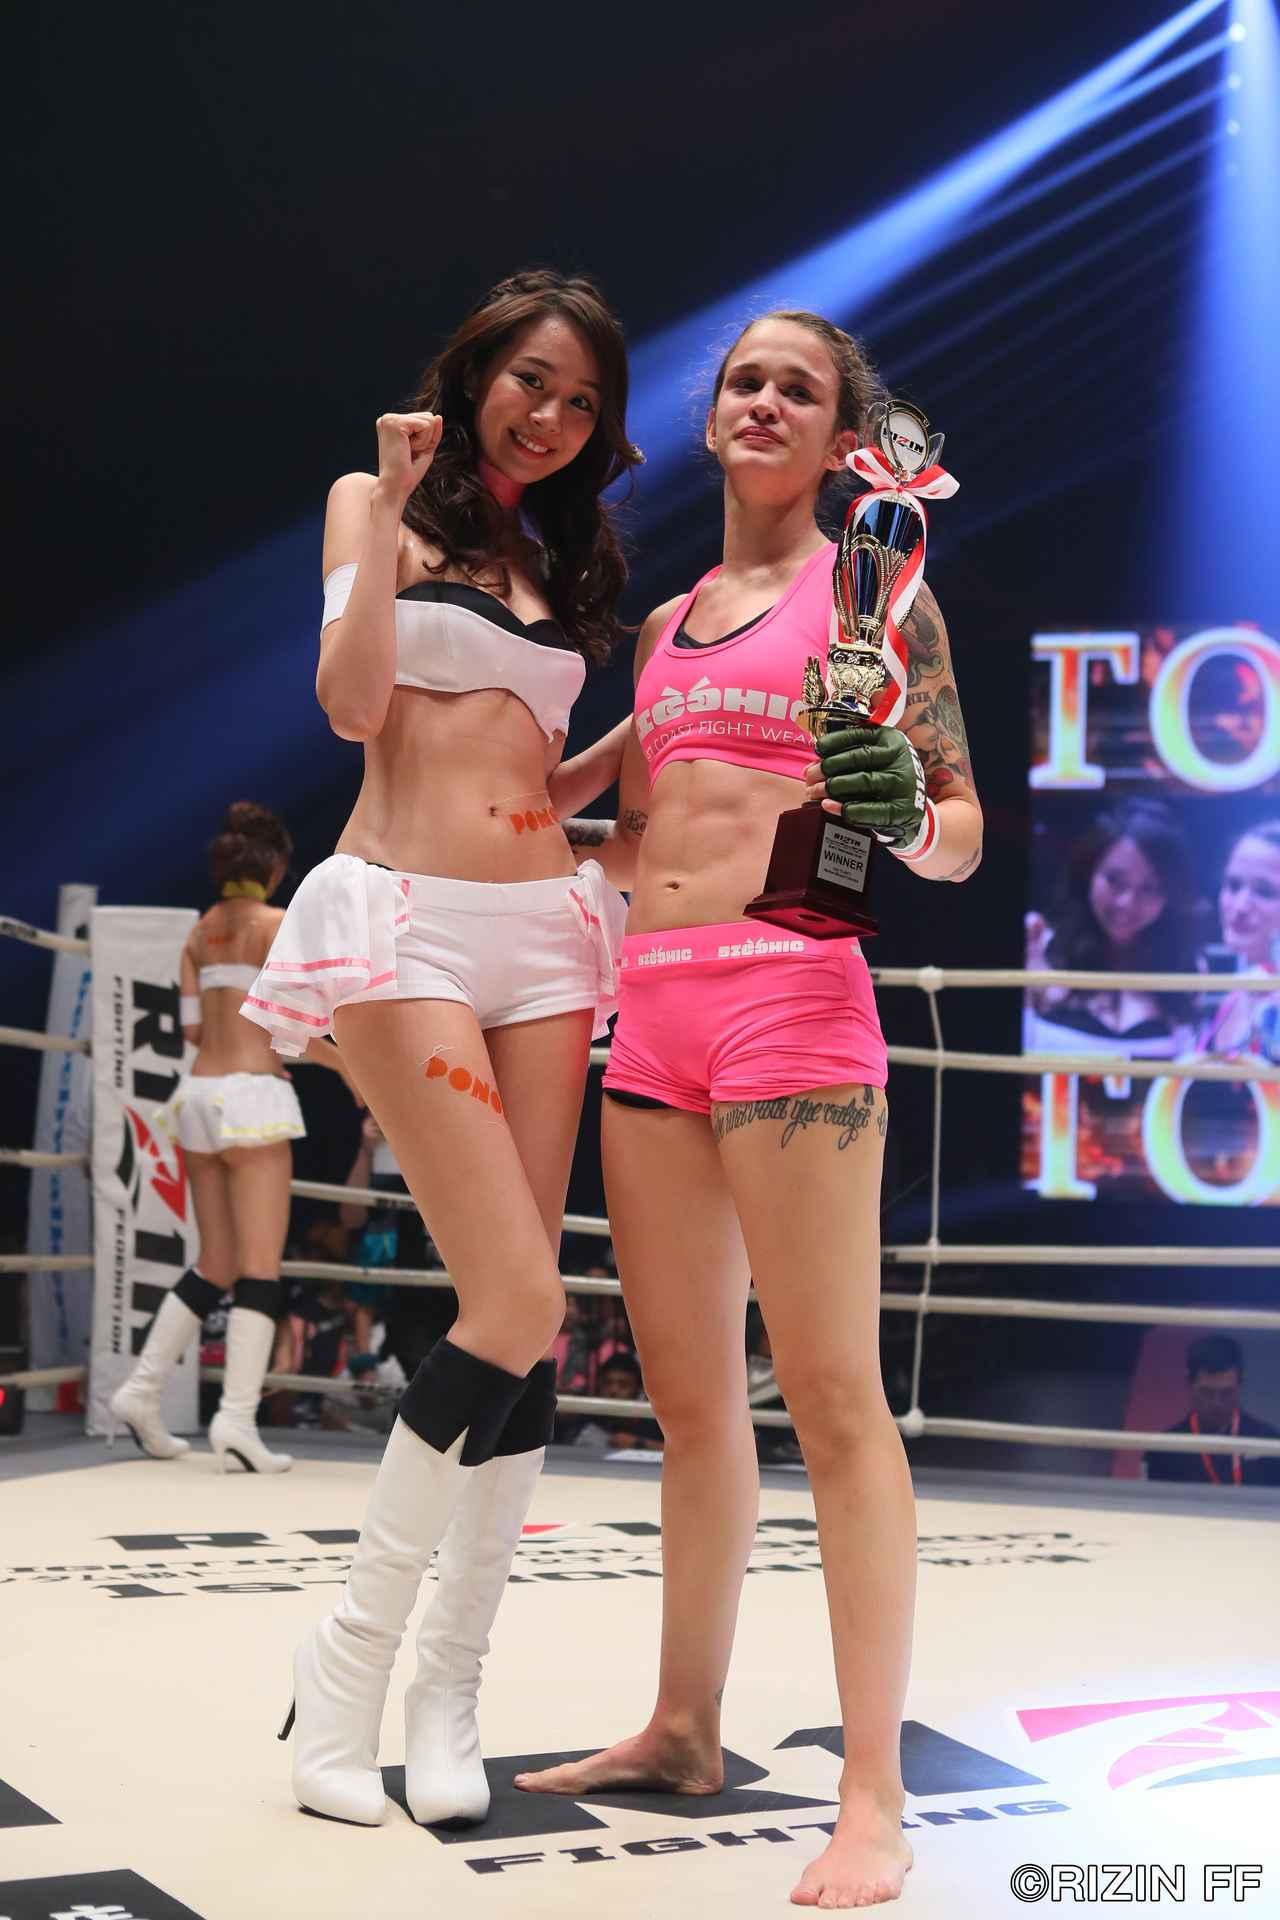 画像3: 女子トーナメント開幕、山本美憂が腕十字で一本負け!!